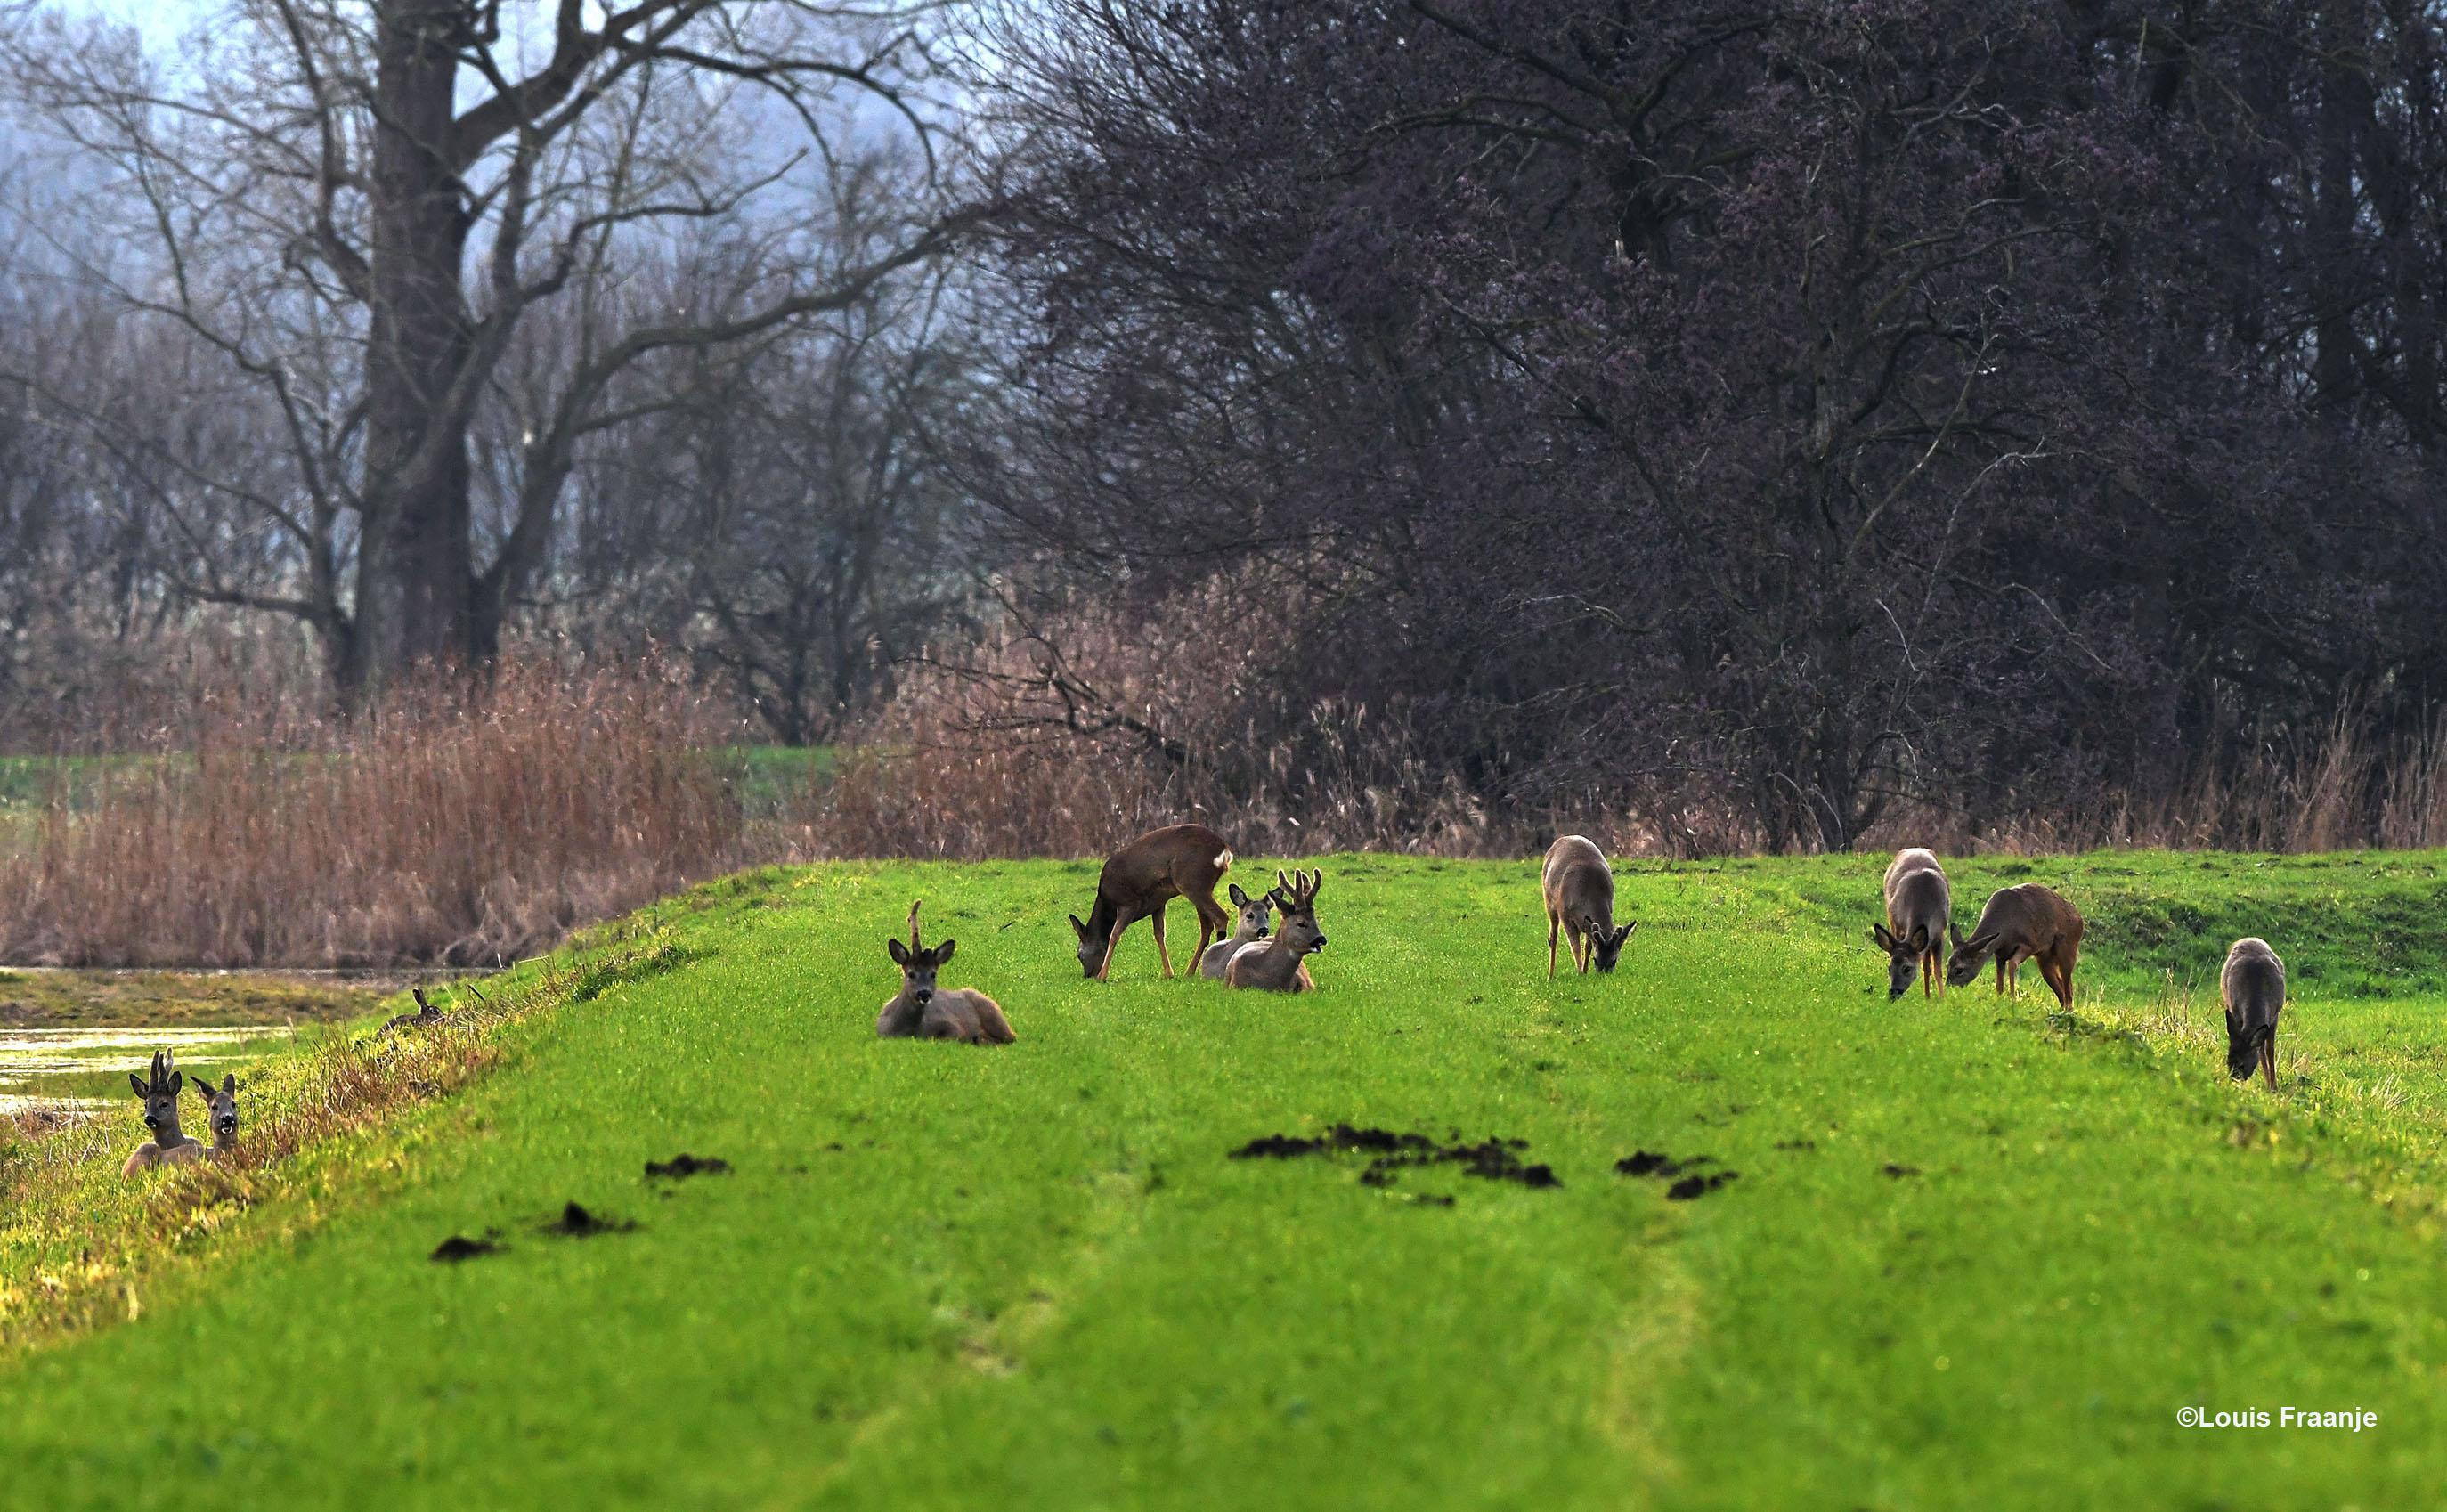 Bij elkaar zo'n tien stuks bokken en geiten, die samen een 'sprong' vormen en een haas links - Foto: ©Louis Fraanje